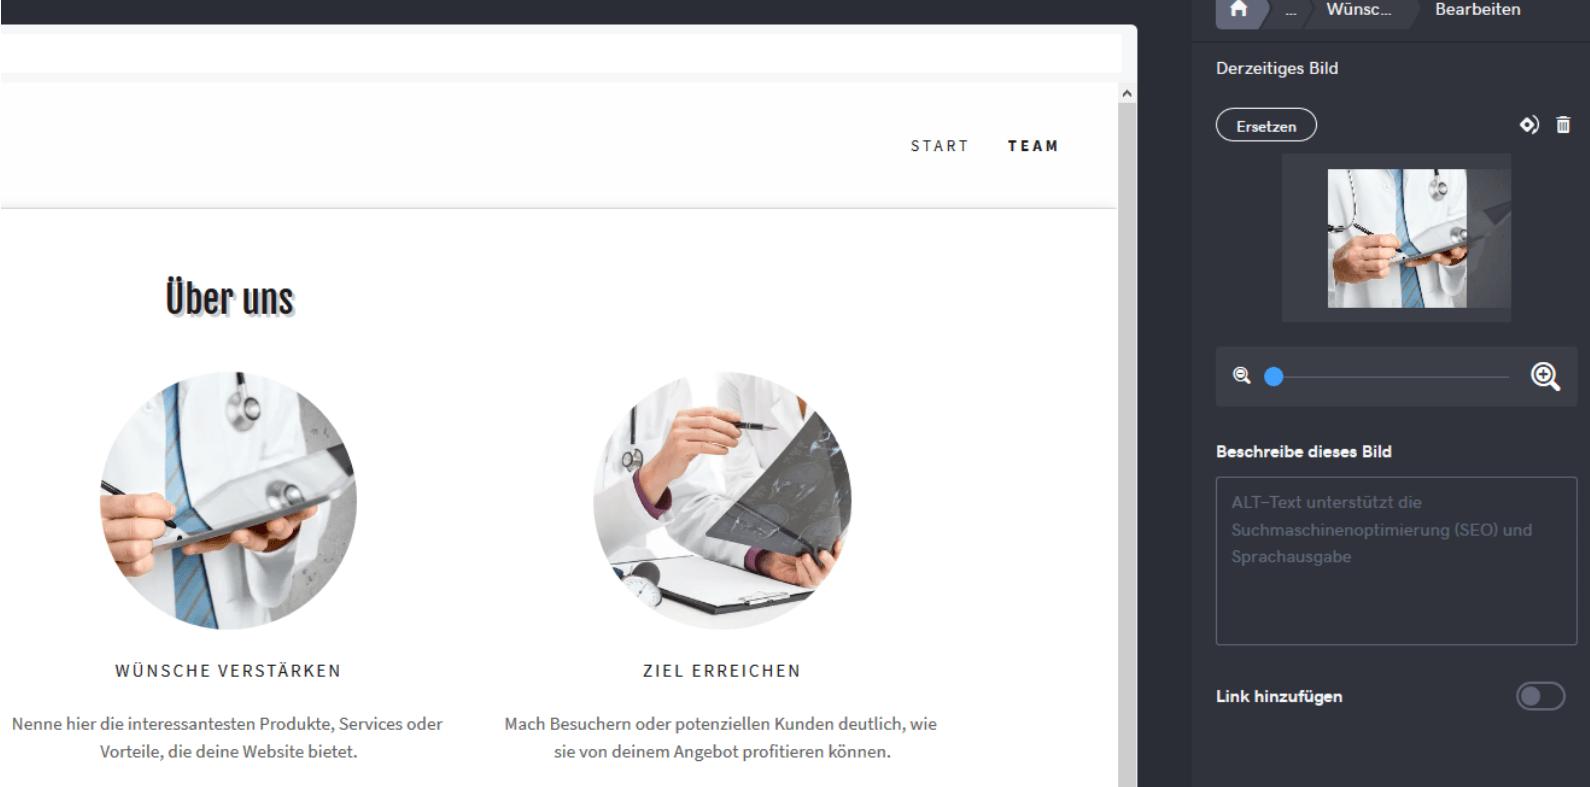 Website für Ärzte erstellen mit GoDaddy - Anleitung Schritt 14